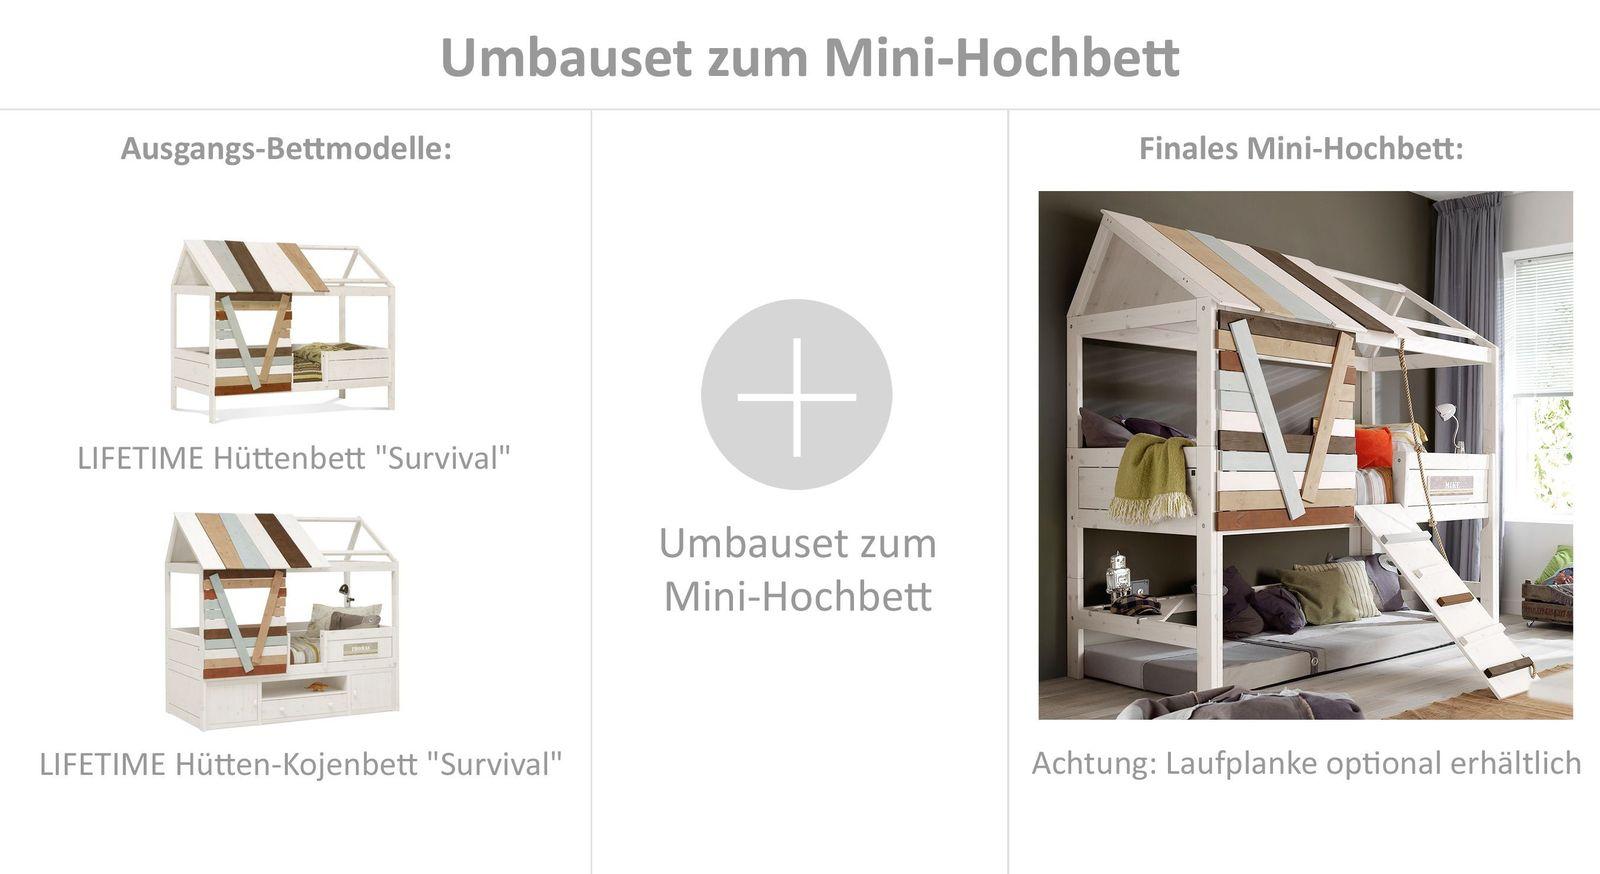 Praktisches LIFETIME Umbauset zum Mini-Hochbett mit Zubehör